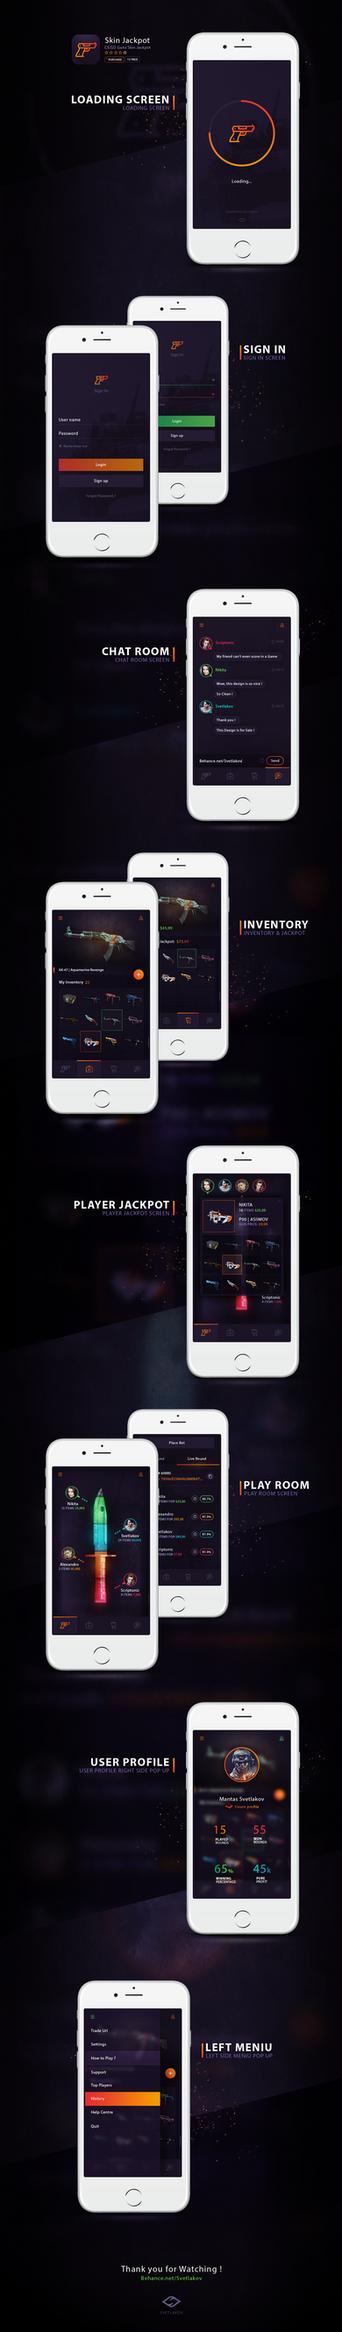 Skin Jackpot Phone App by iEimiz